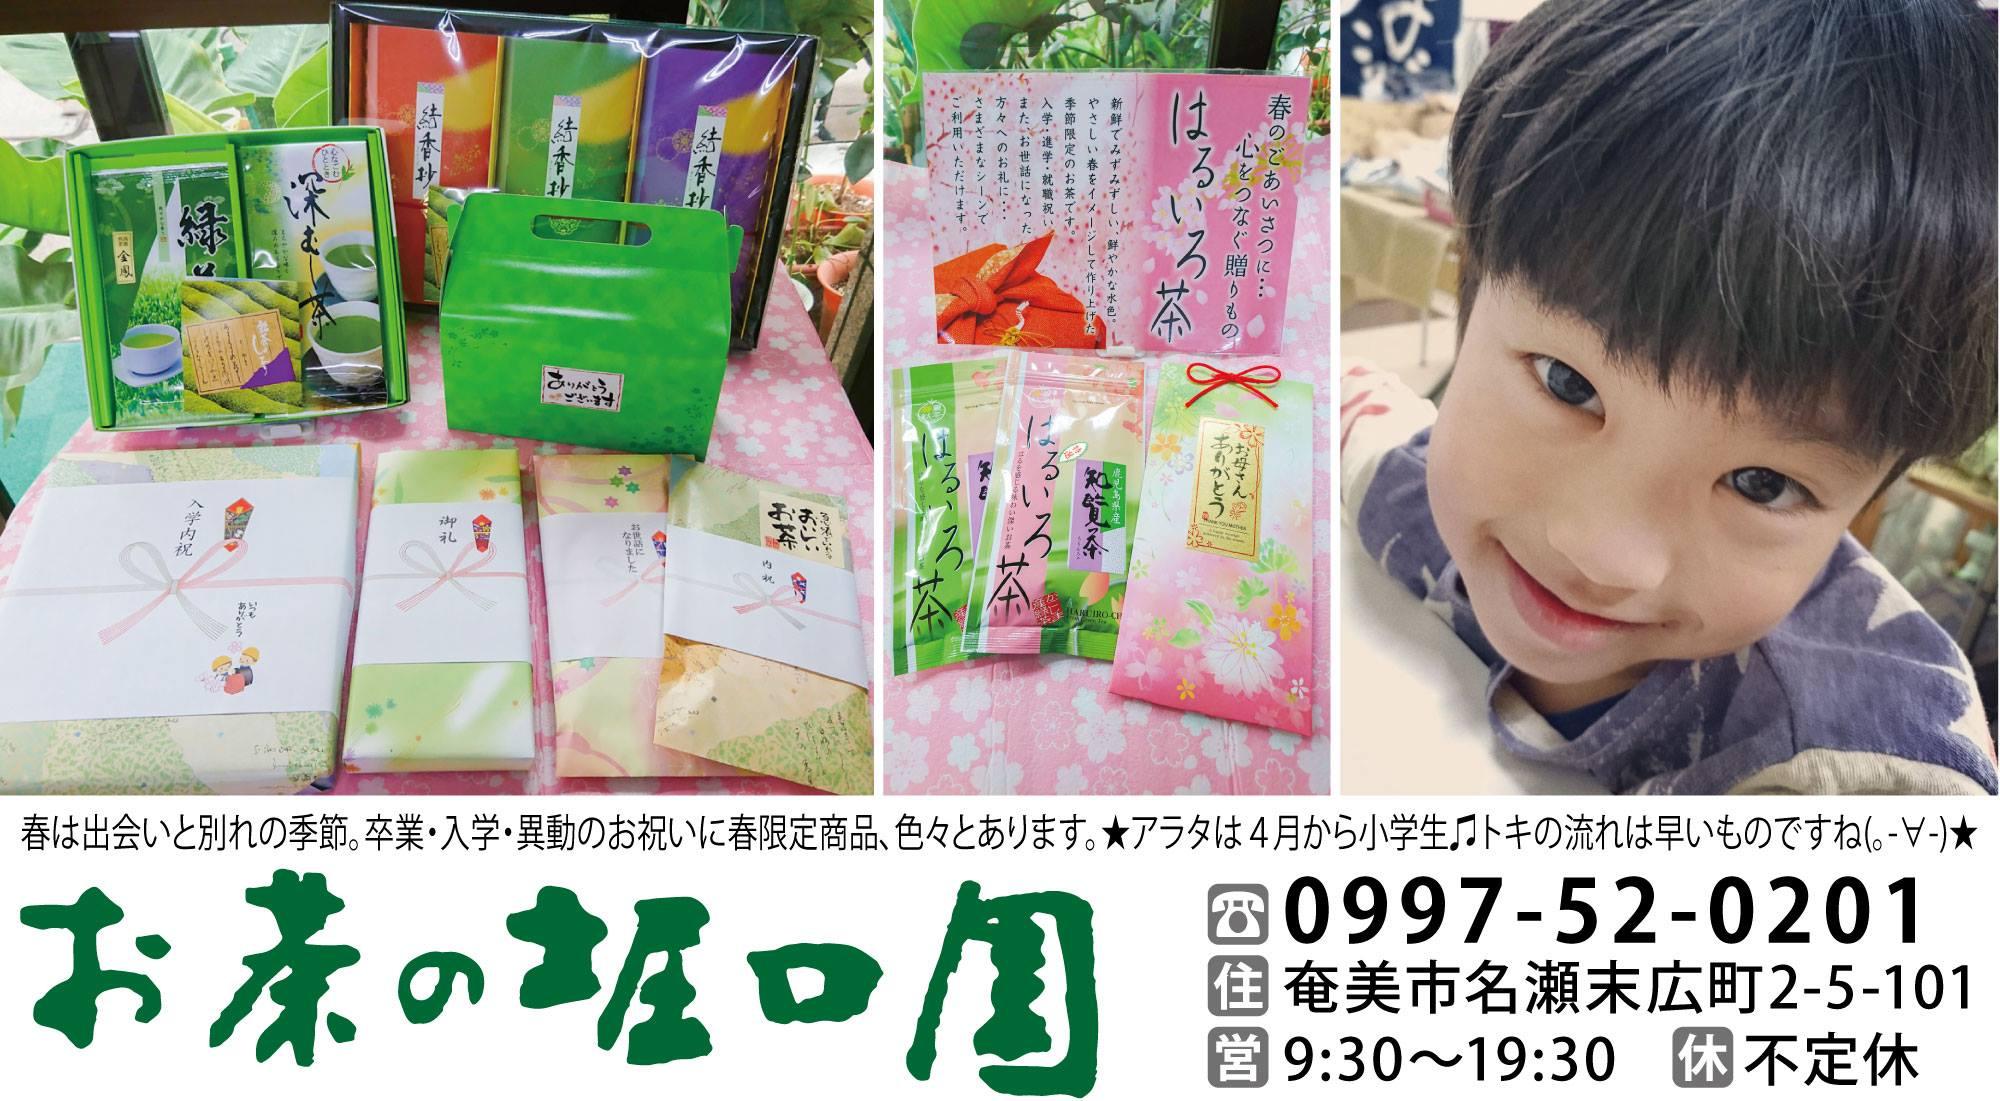 お茶の堀口園 マチイロマガジン48号掲載画像